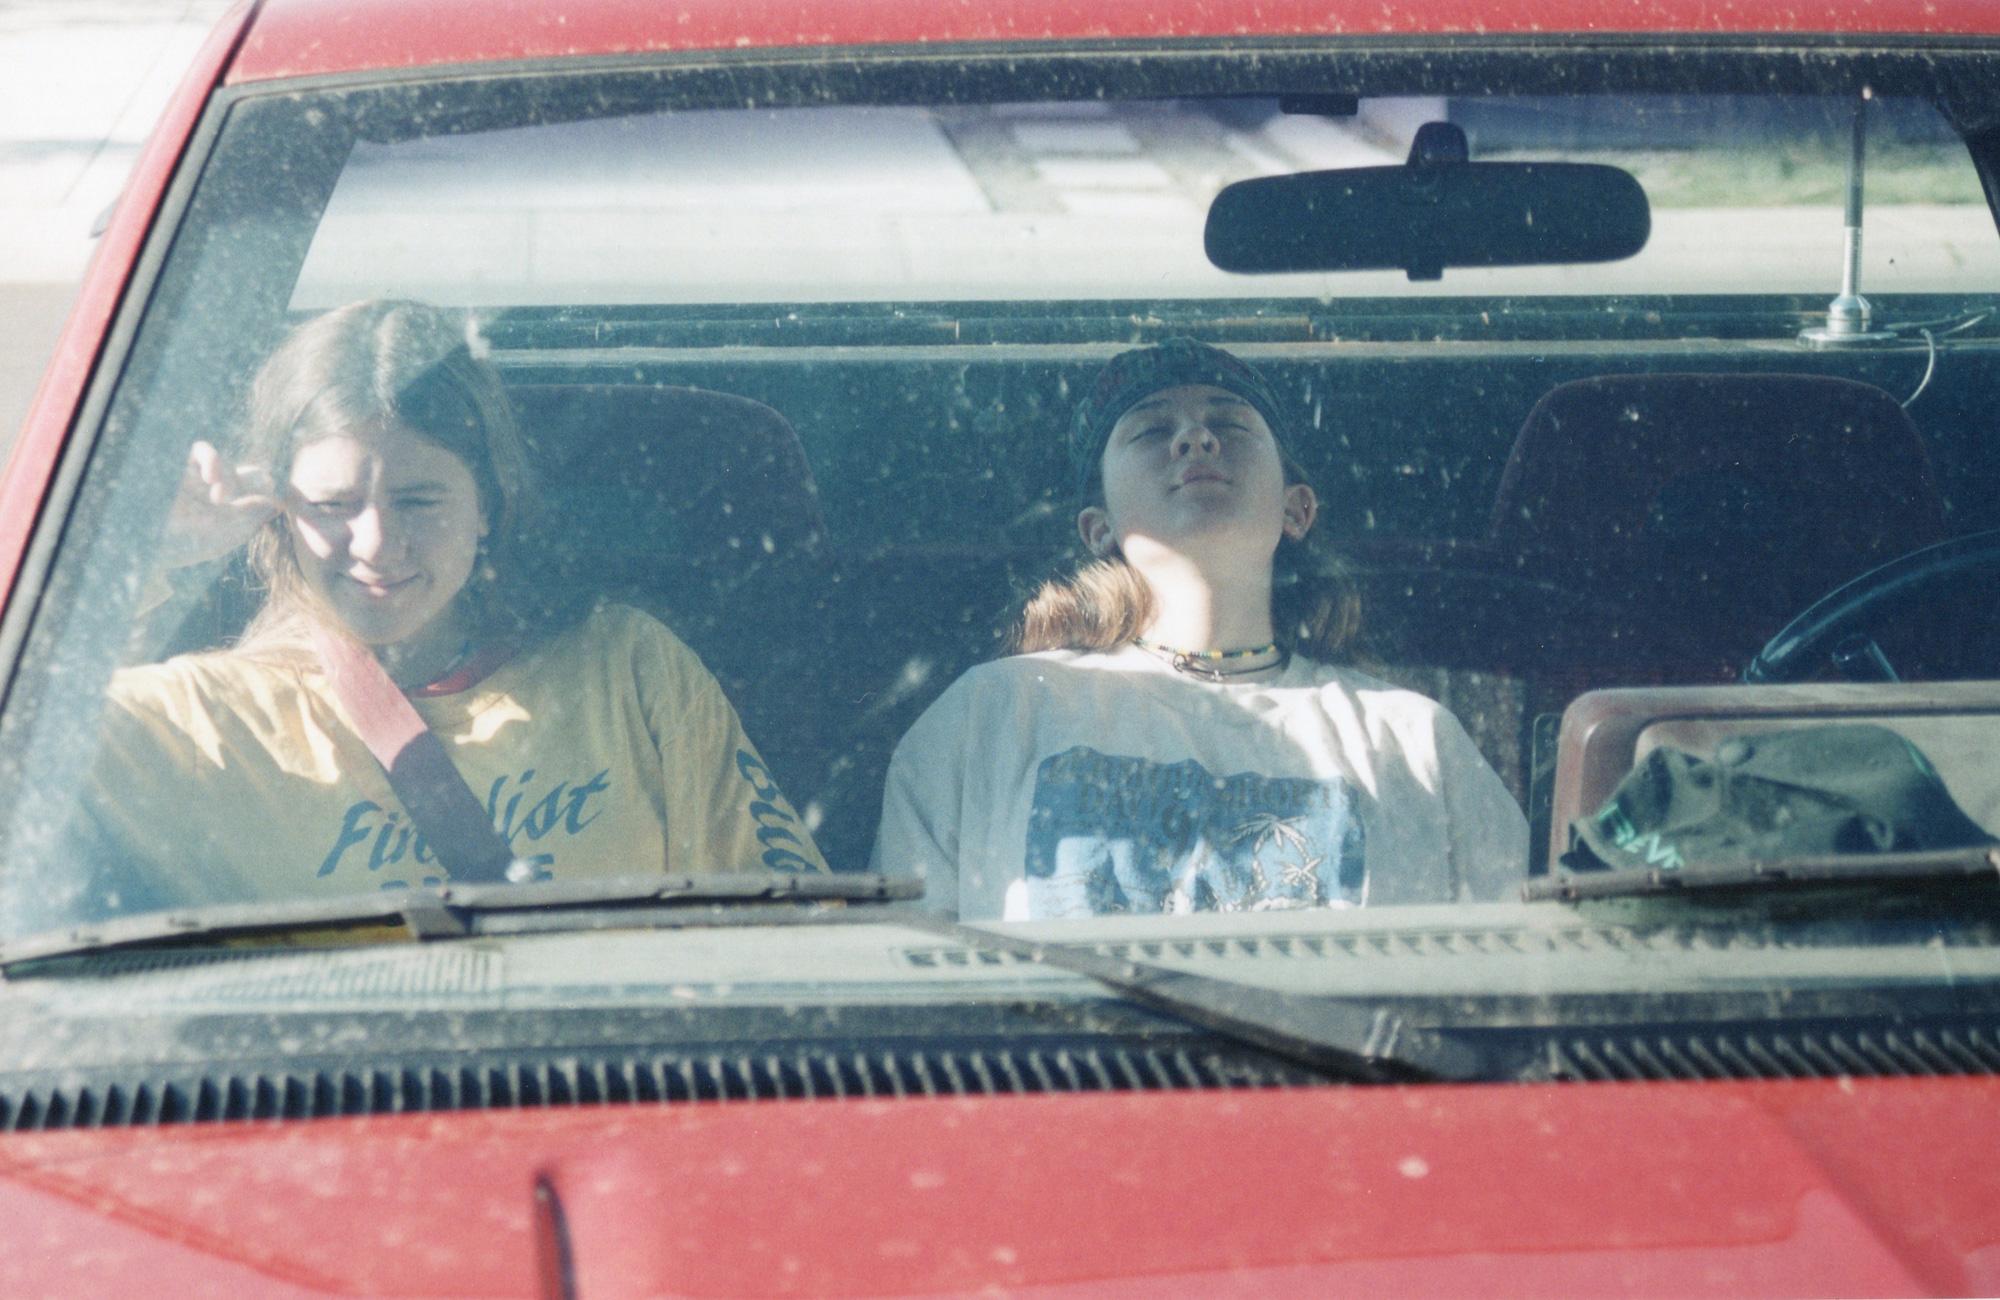 High school Tegan and Sara sitting in a car